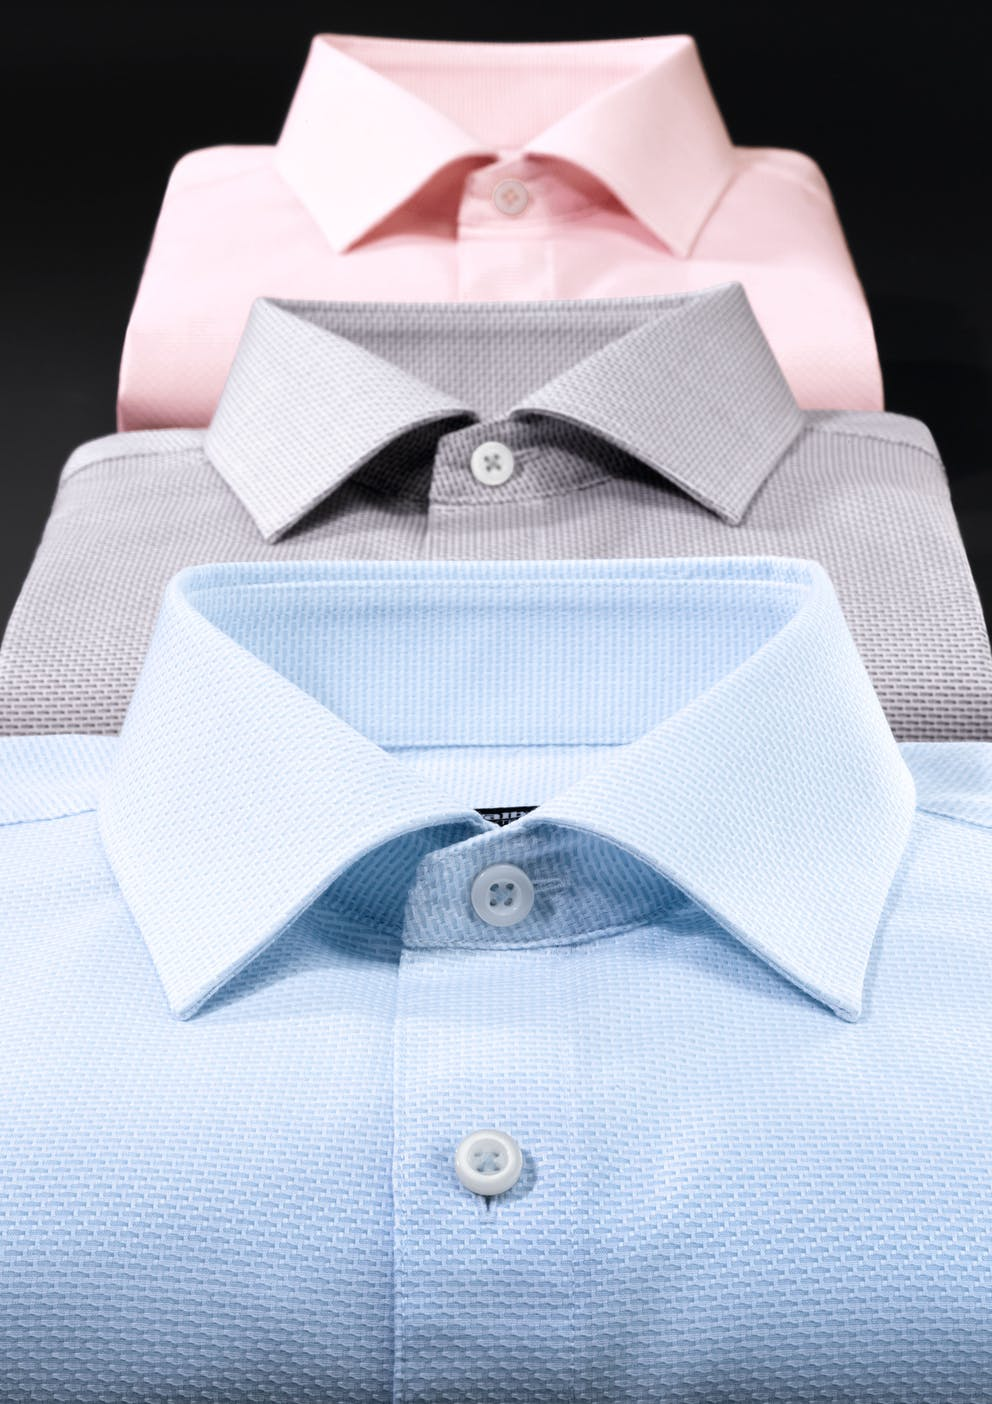 Anzug selber waschen